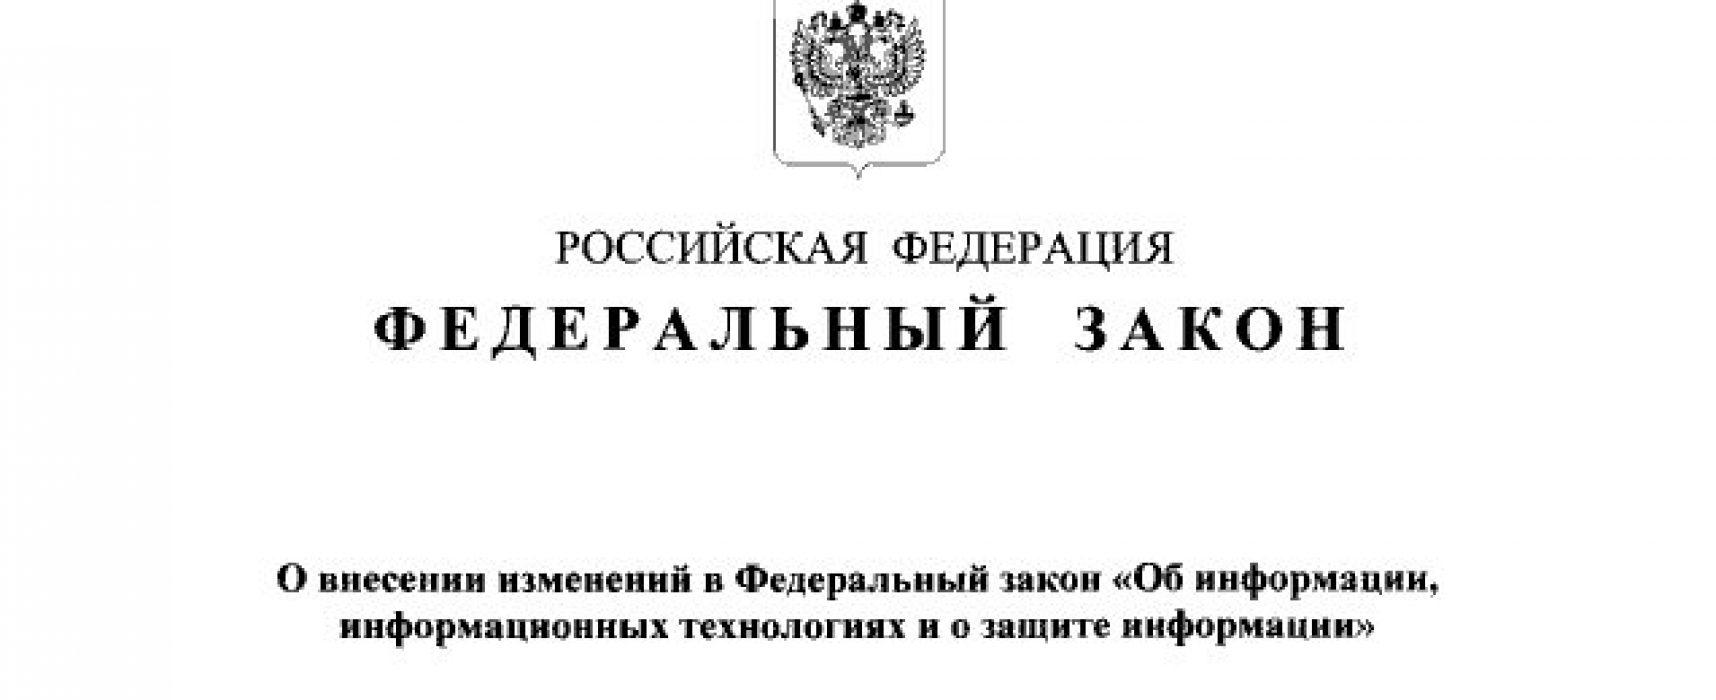 Владимир Путин подписал закон о блокировках анонимайзеров и VPN-сервисов